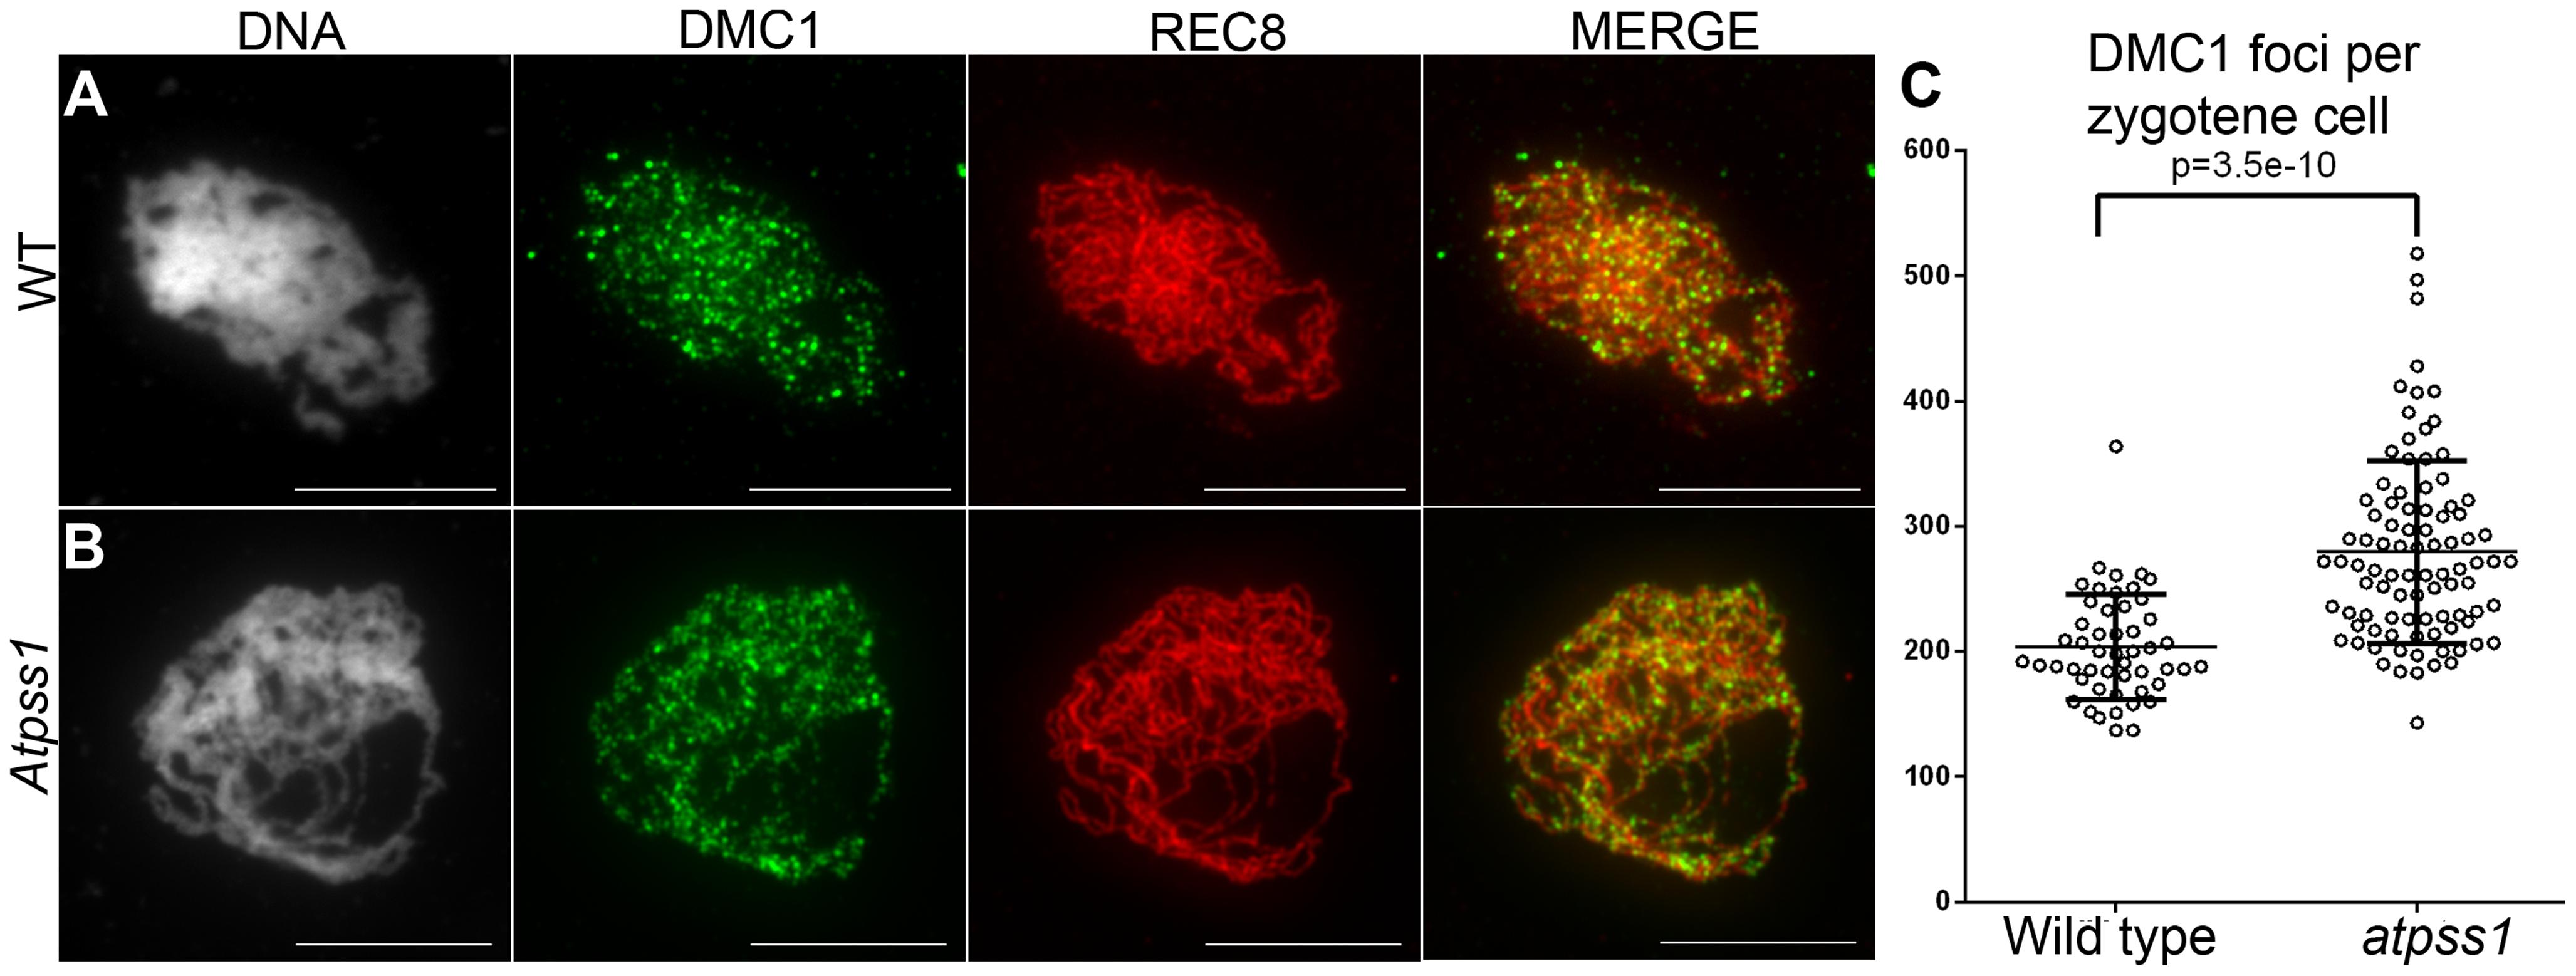 DMC1 immunolocalization.